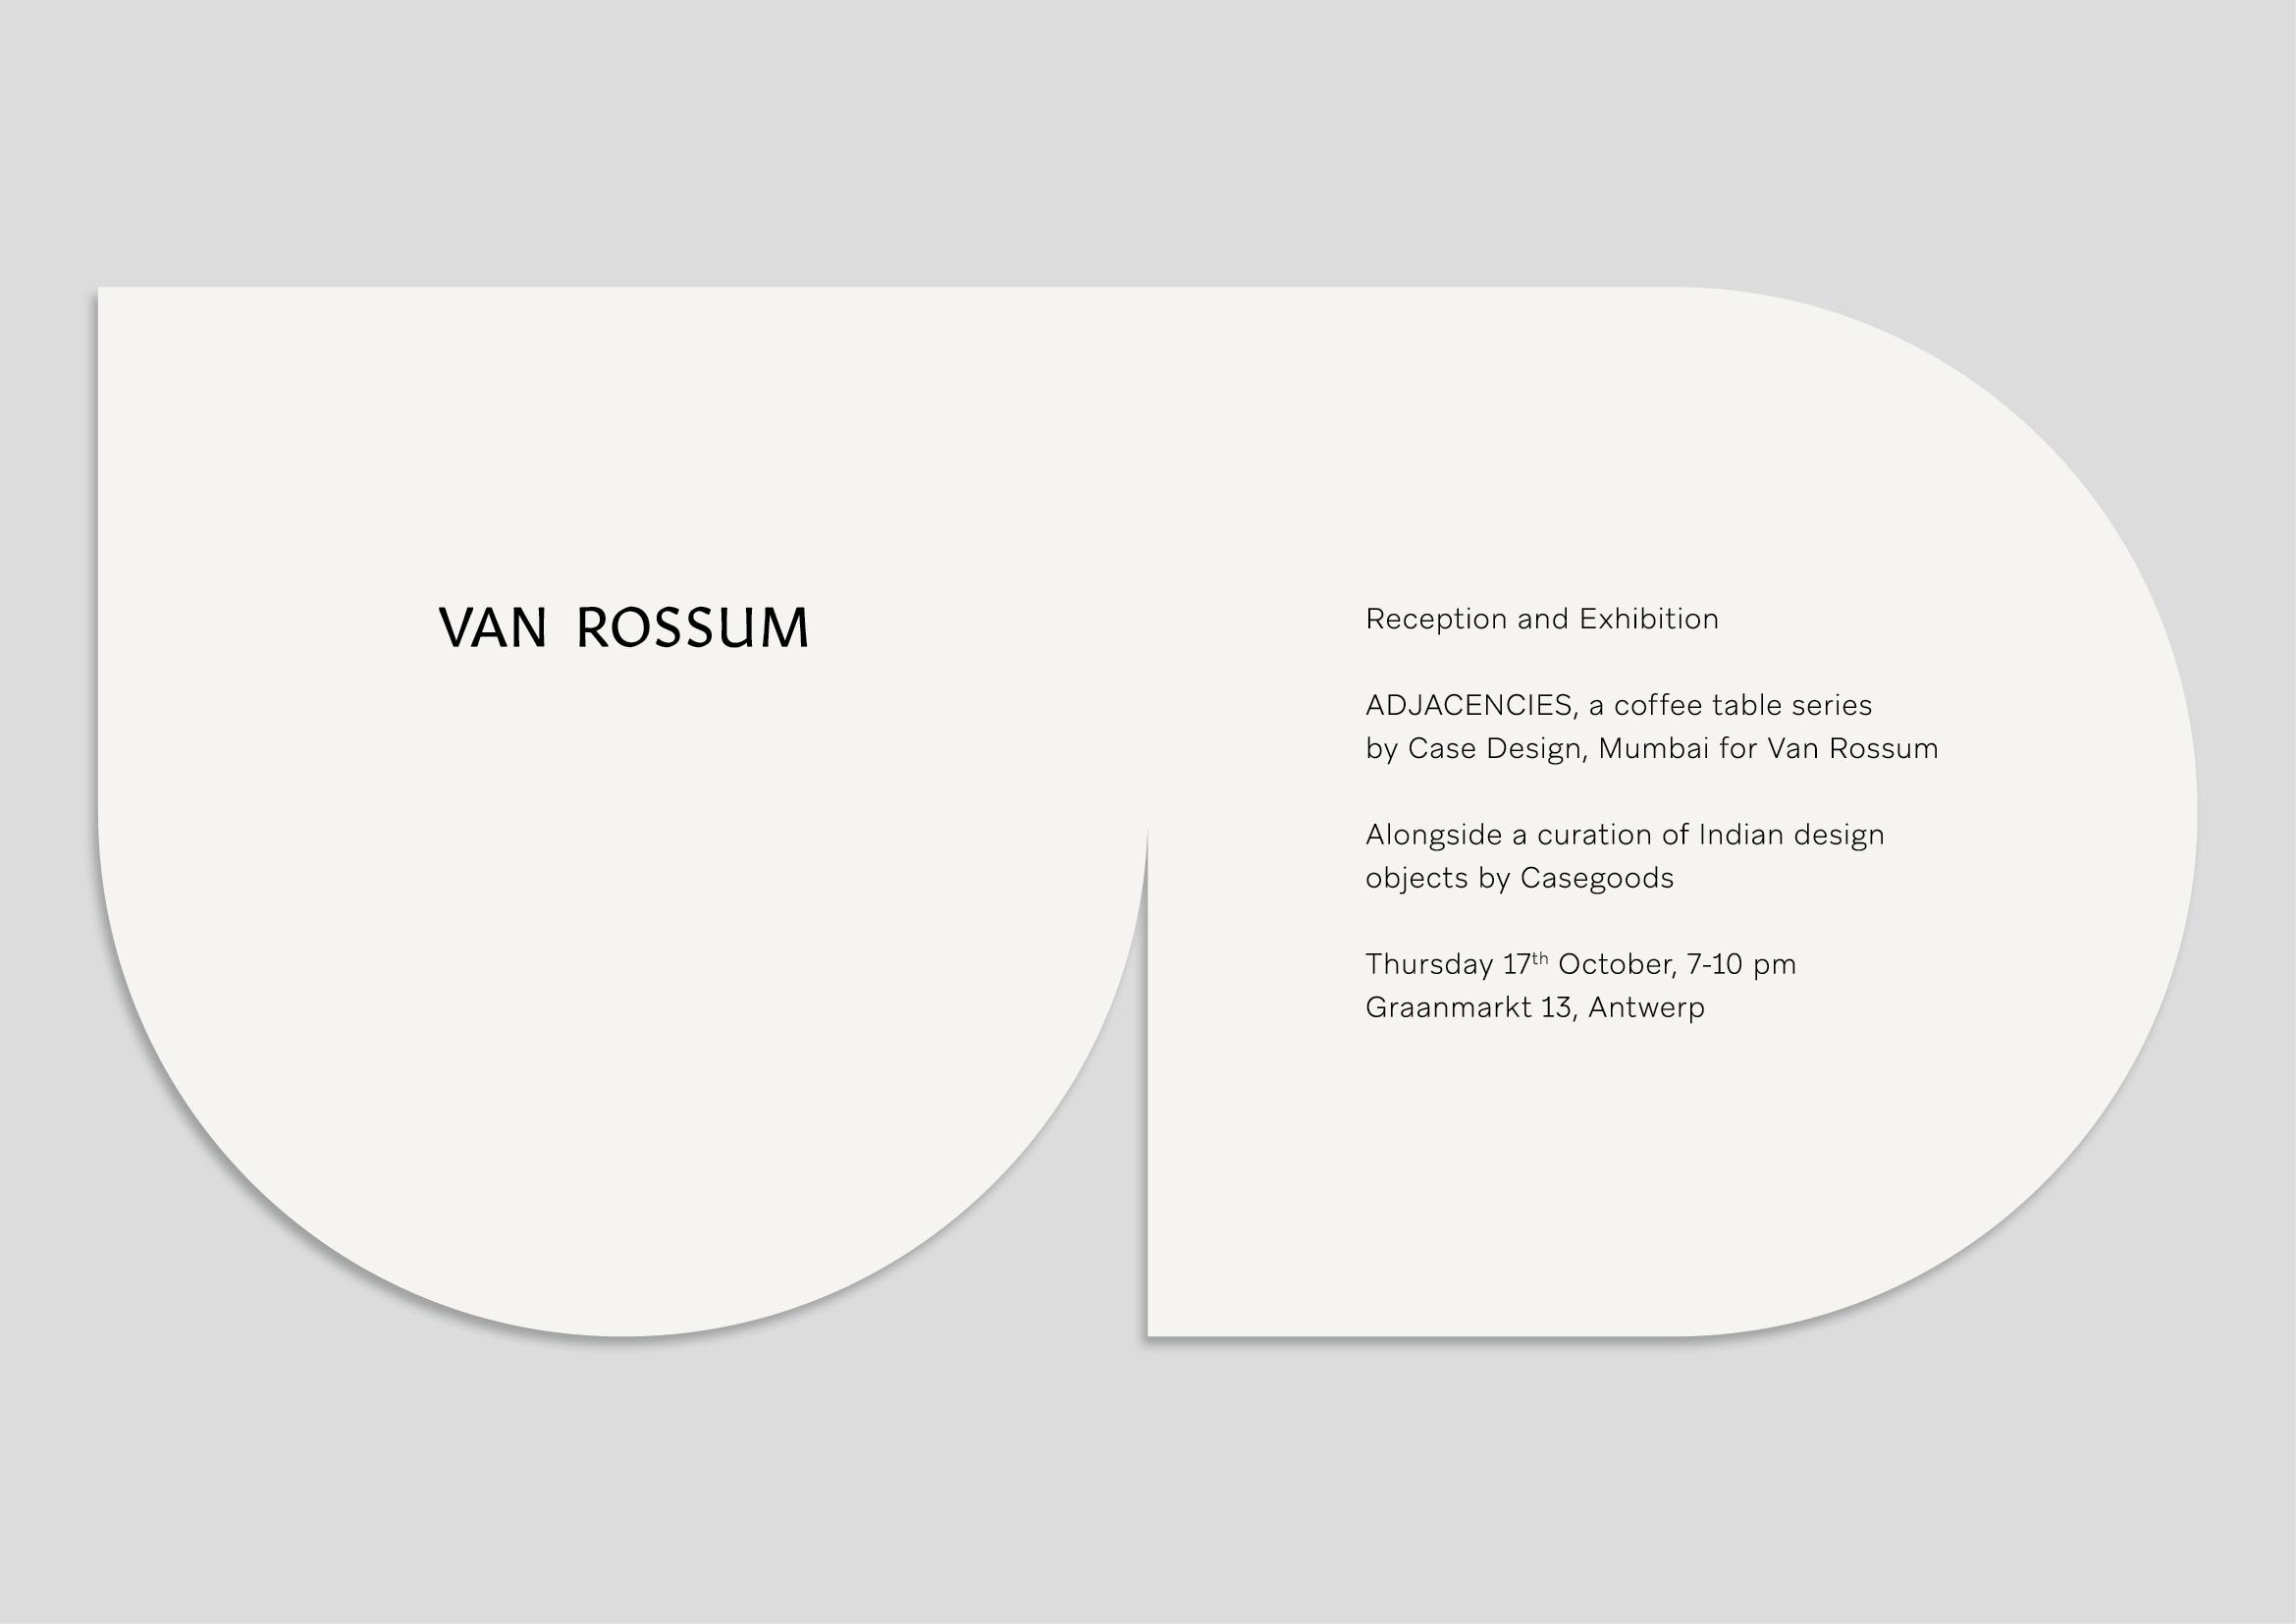 nicoletta-dalfino-van-rossum-x-case-design-invitation